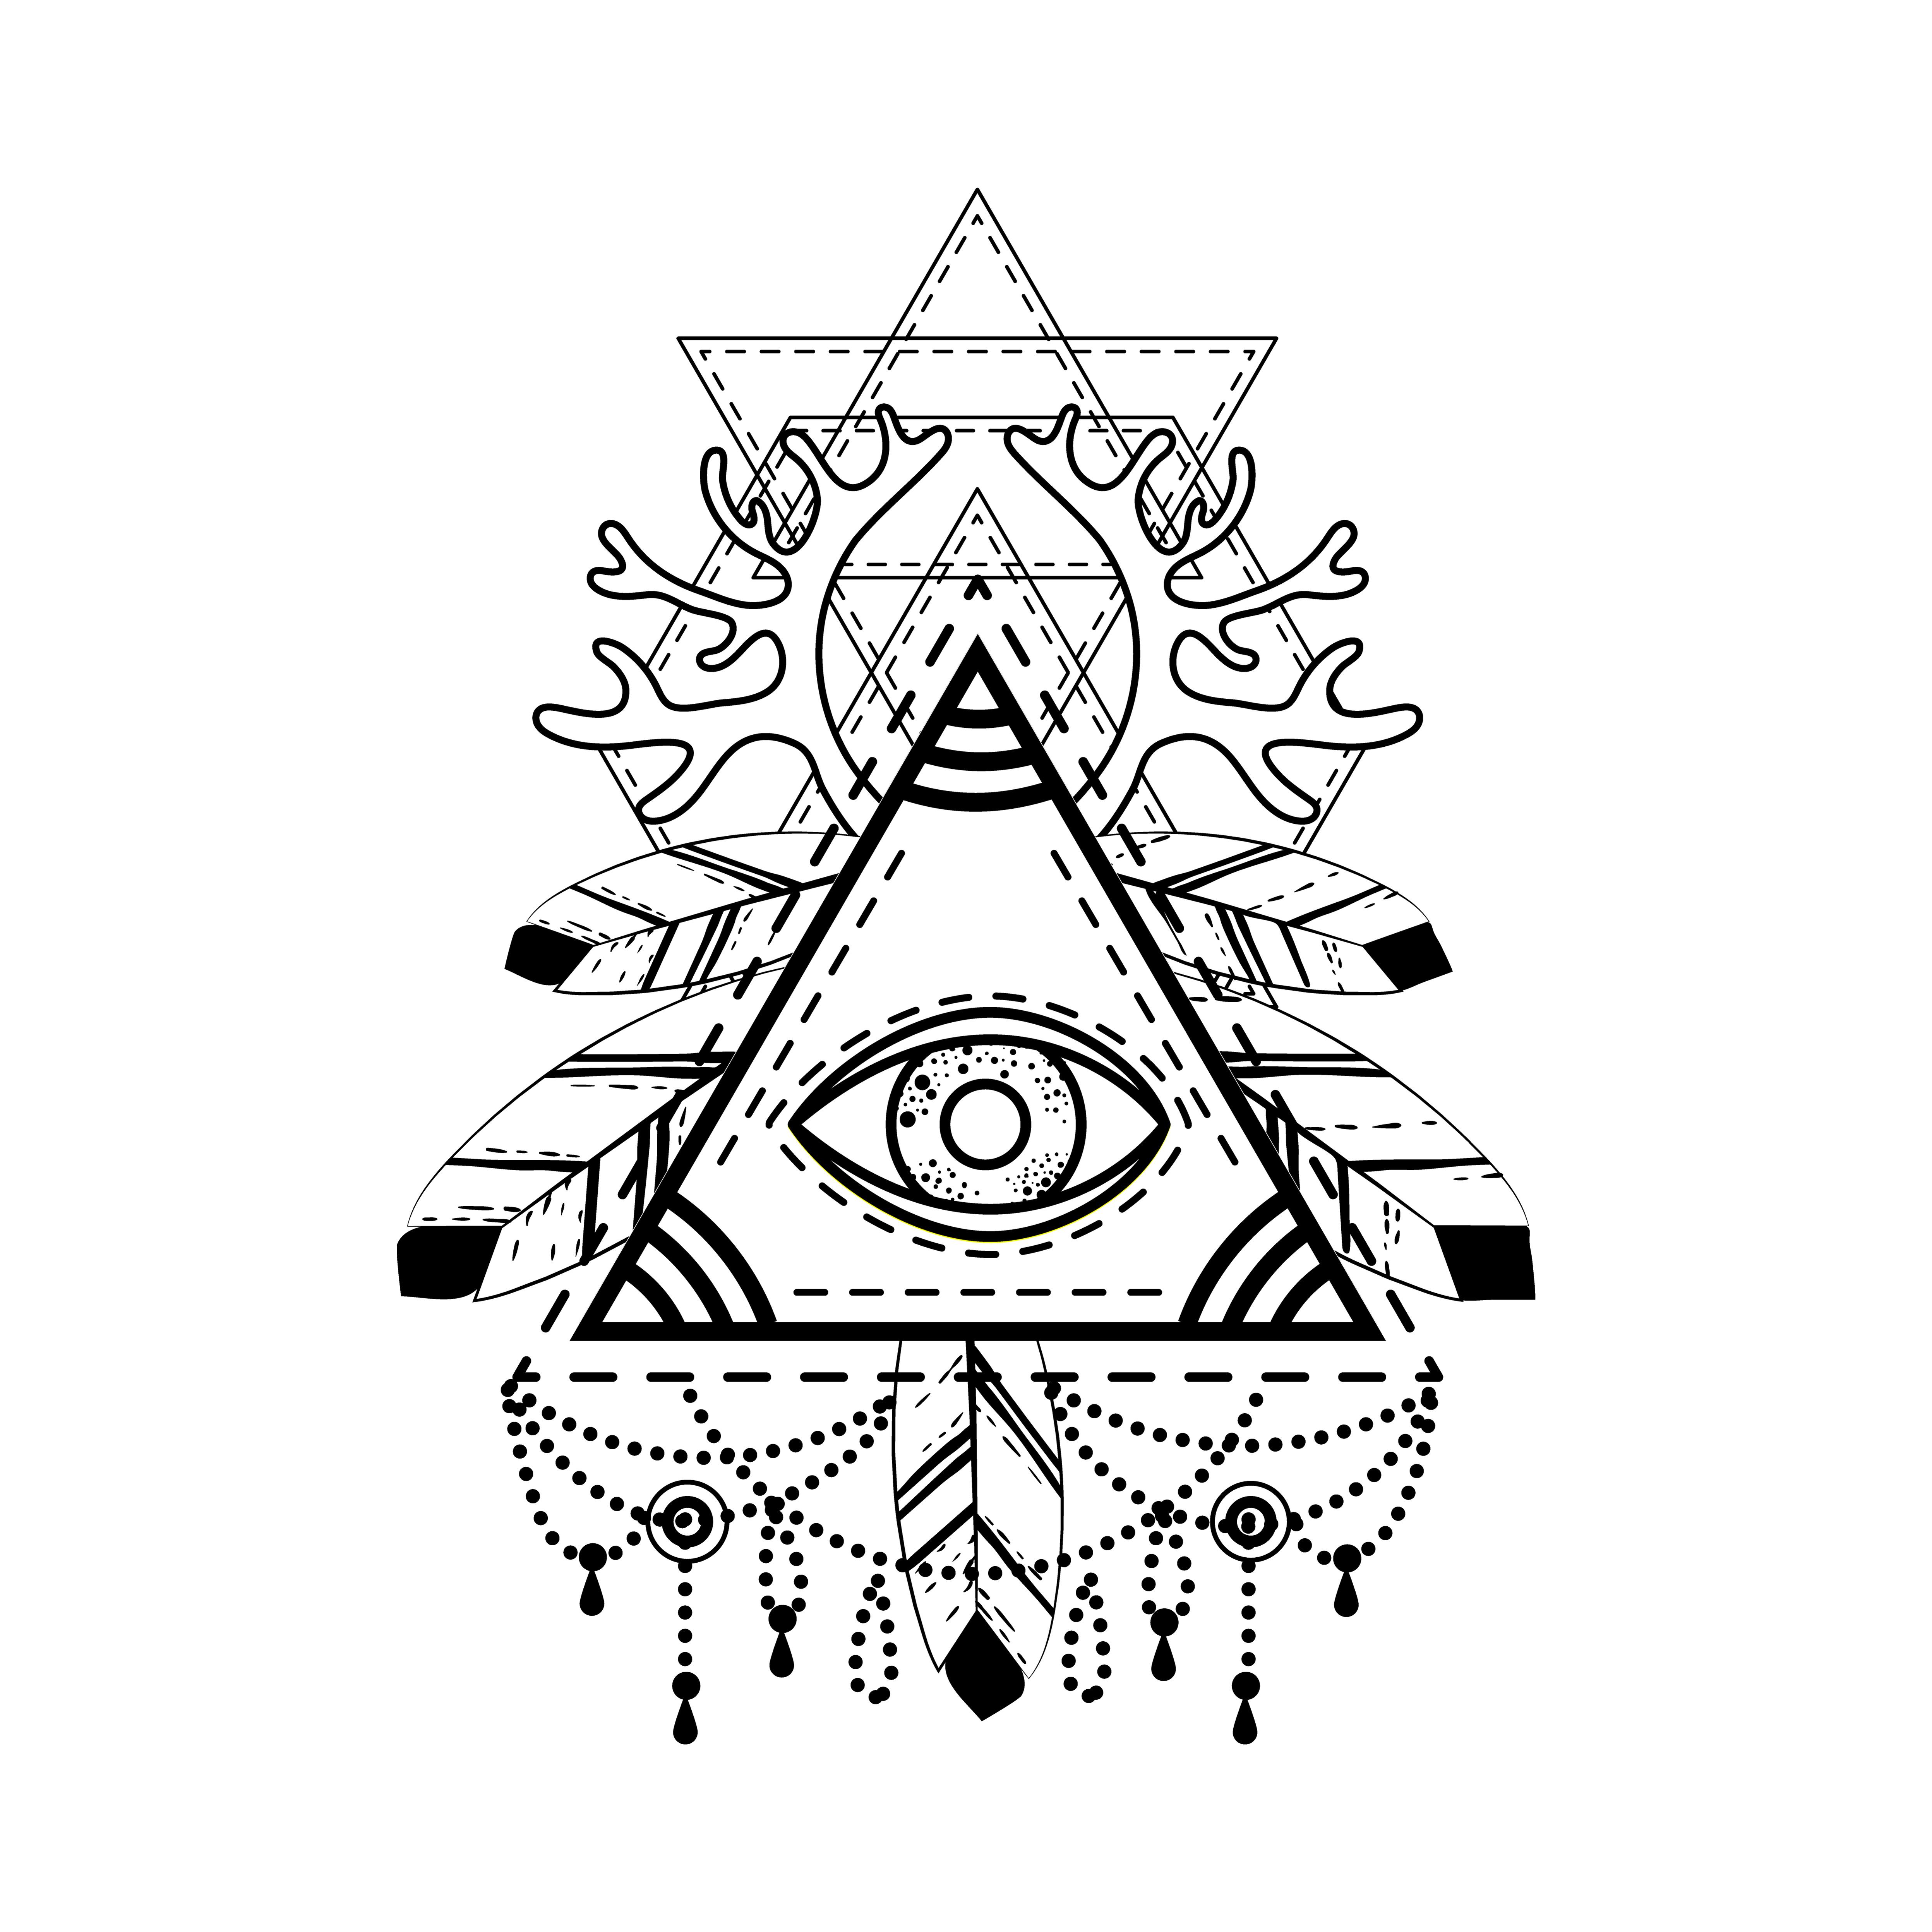 4991x4991 All Seeing Eye Pyramid Symbol